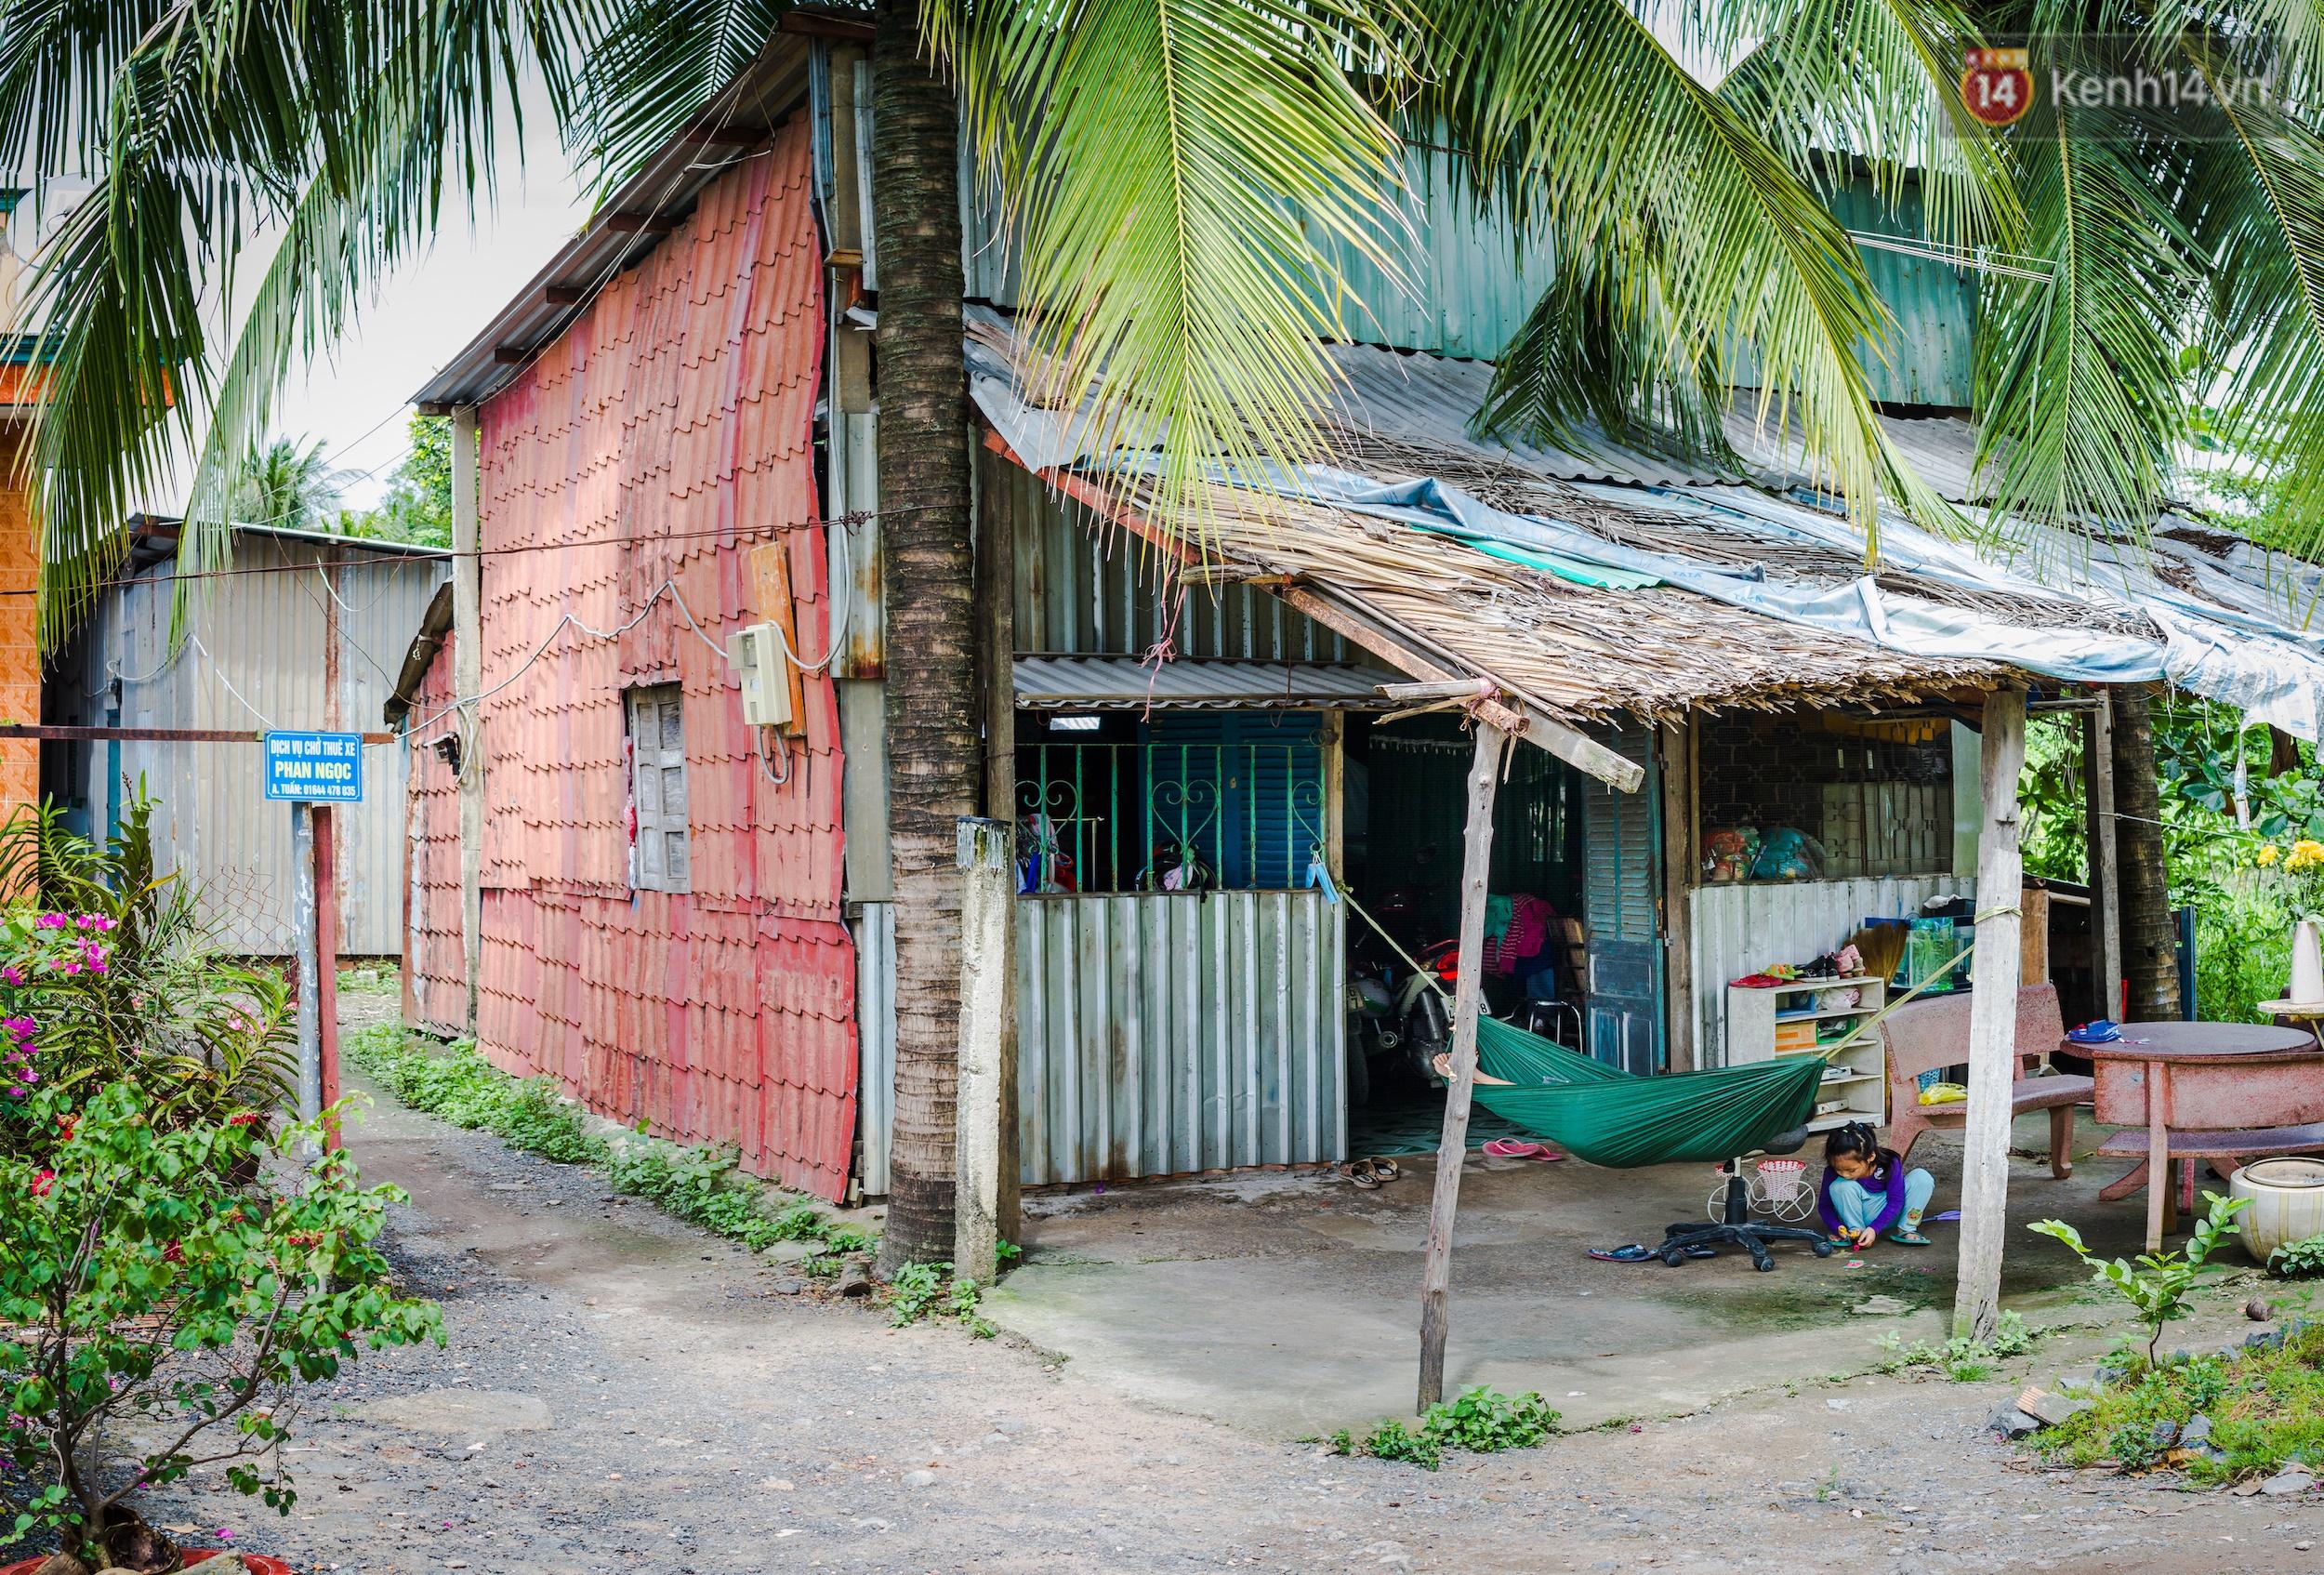 Chùm ảnh: Cuộc sống ở bán đảo Thanh Đa - Một miền nông thôn tách biệt dù chỉ cách trung tâm Sài Gòn vài km - Ảnh 8.